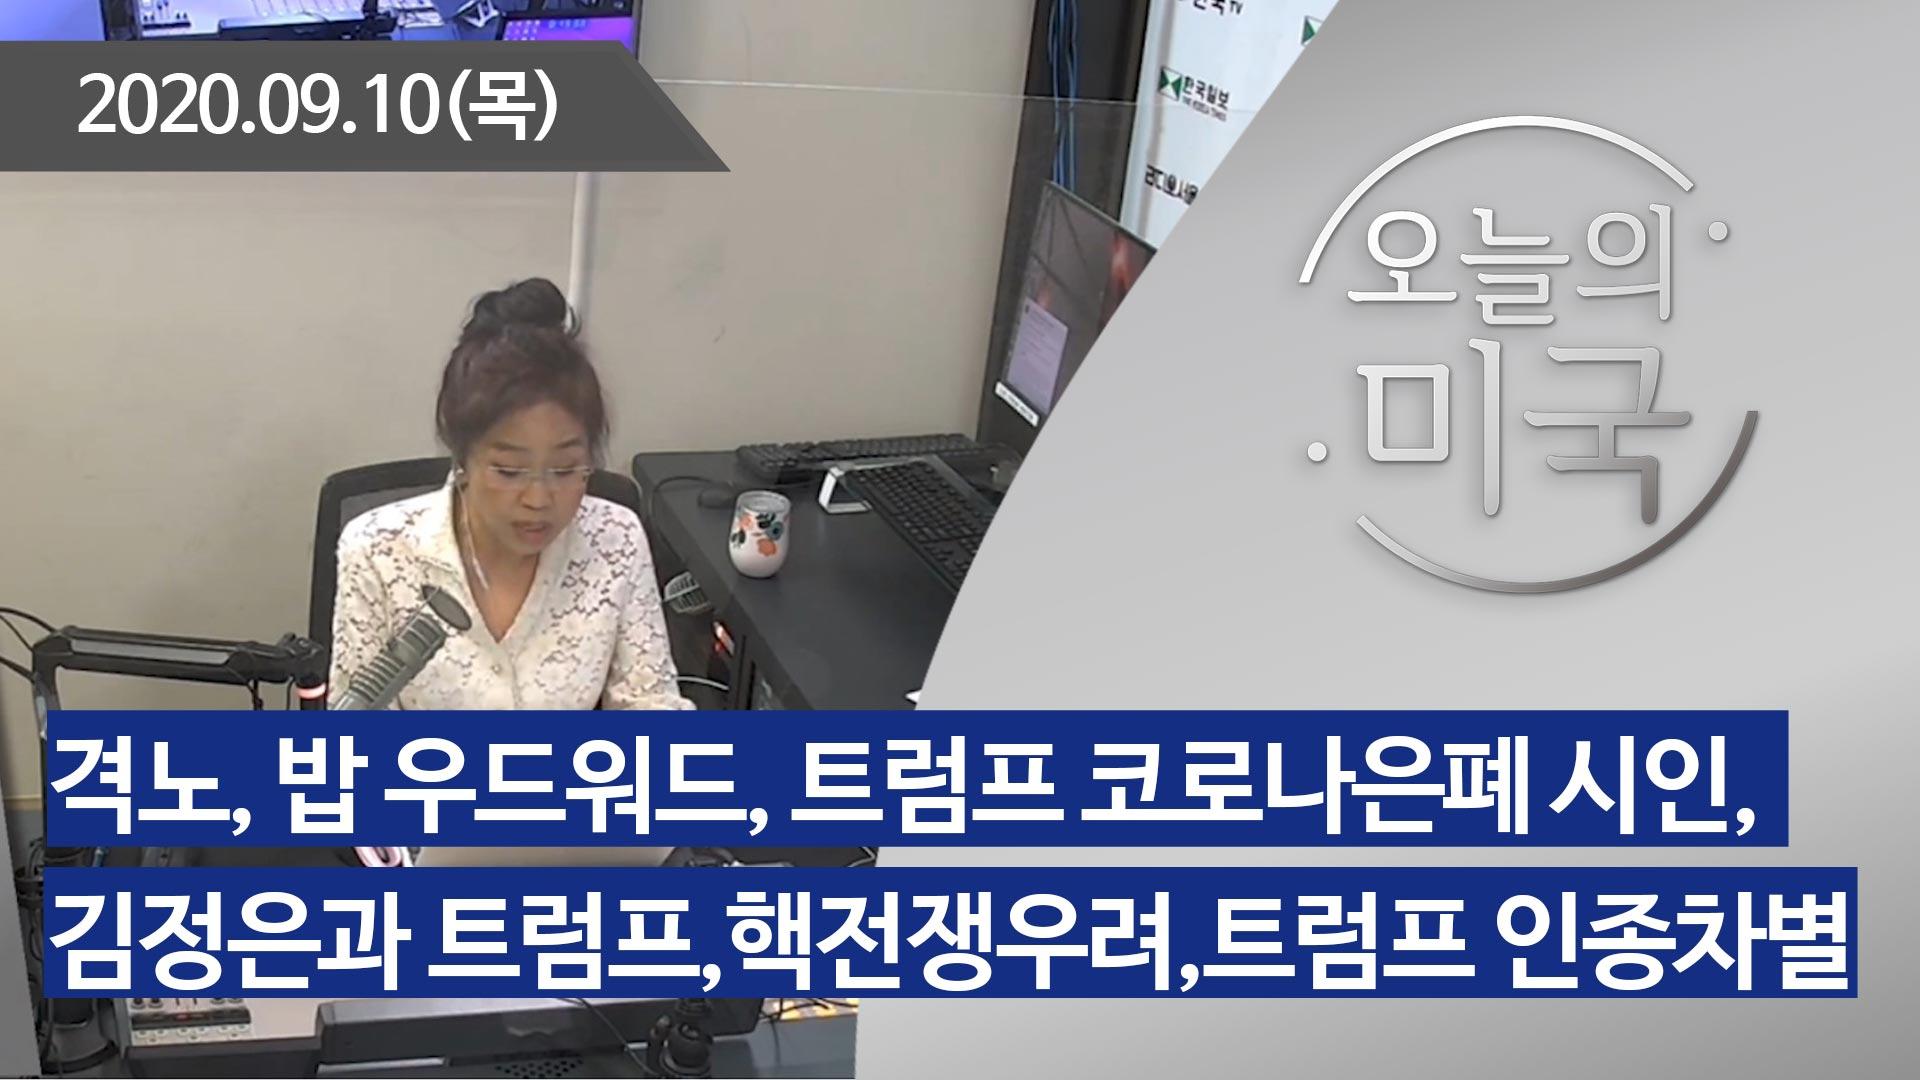 강혜신의 오늘의 미국 (09.10.2020)